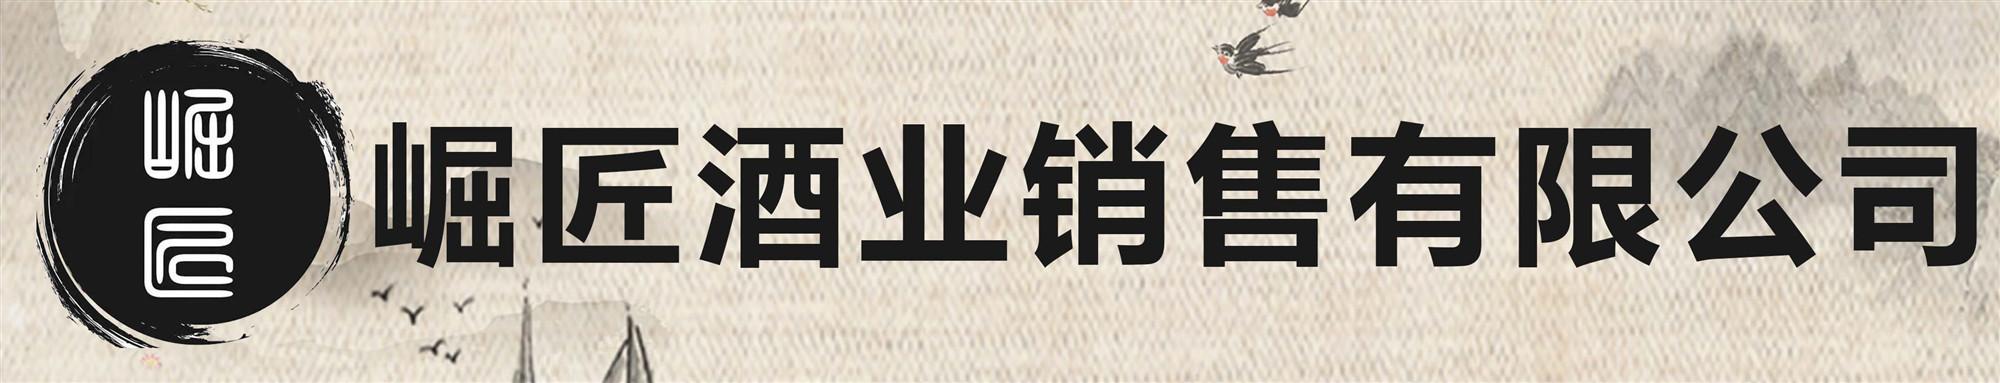 貴州崛匠酒業銷售公有限公司